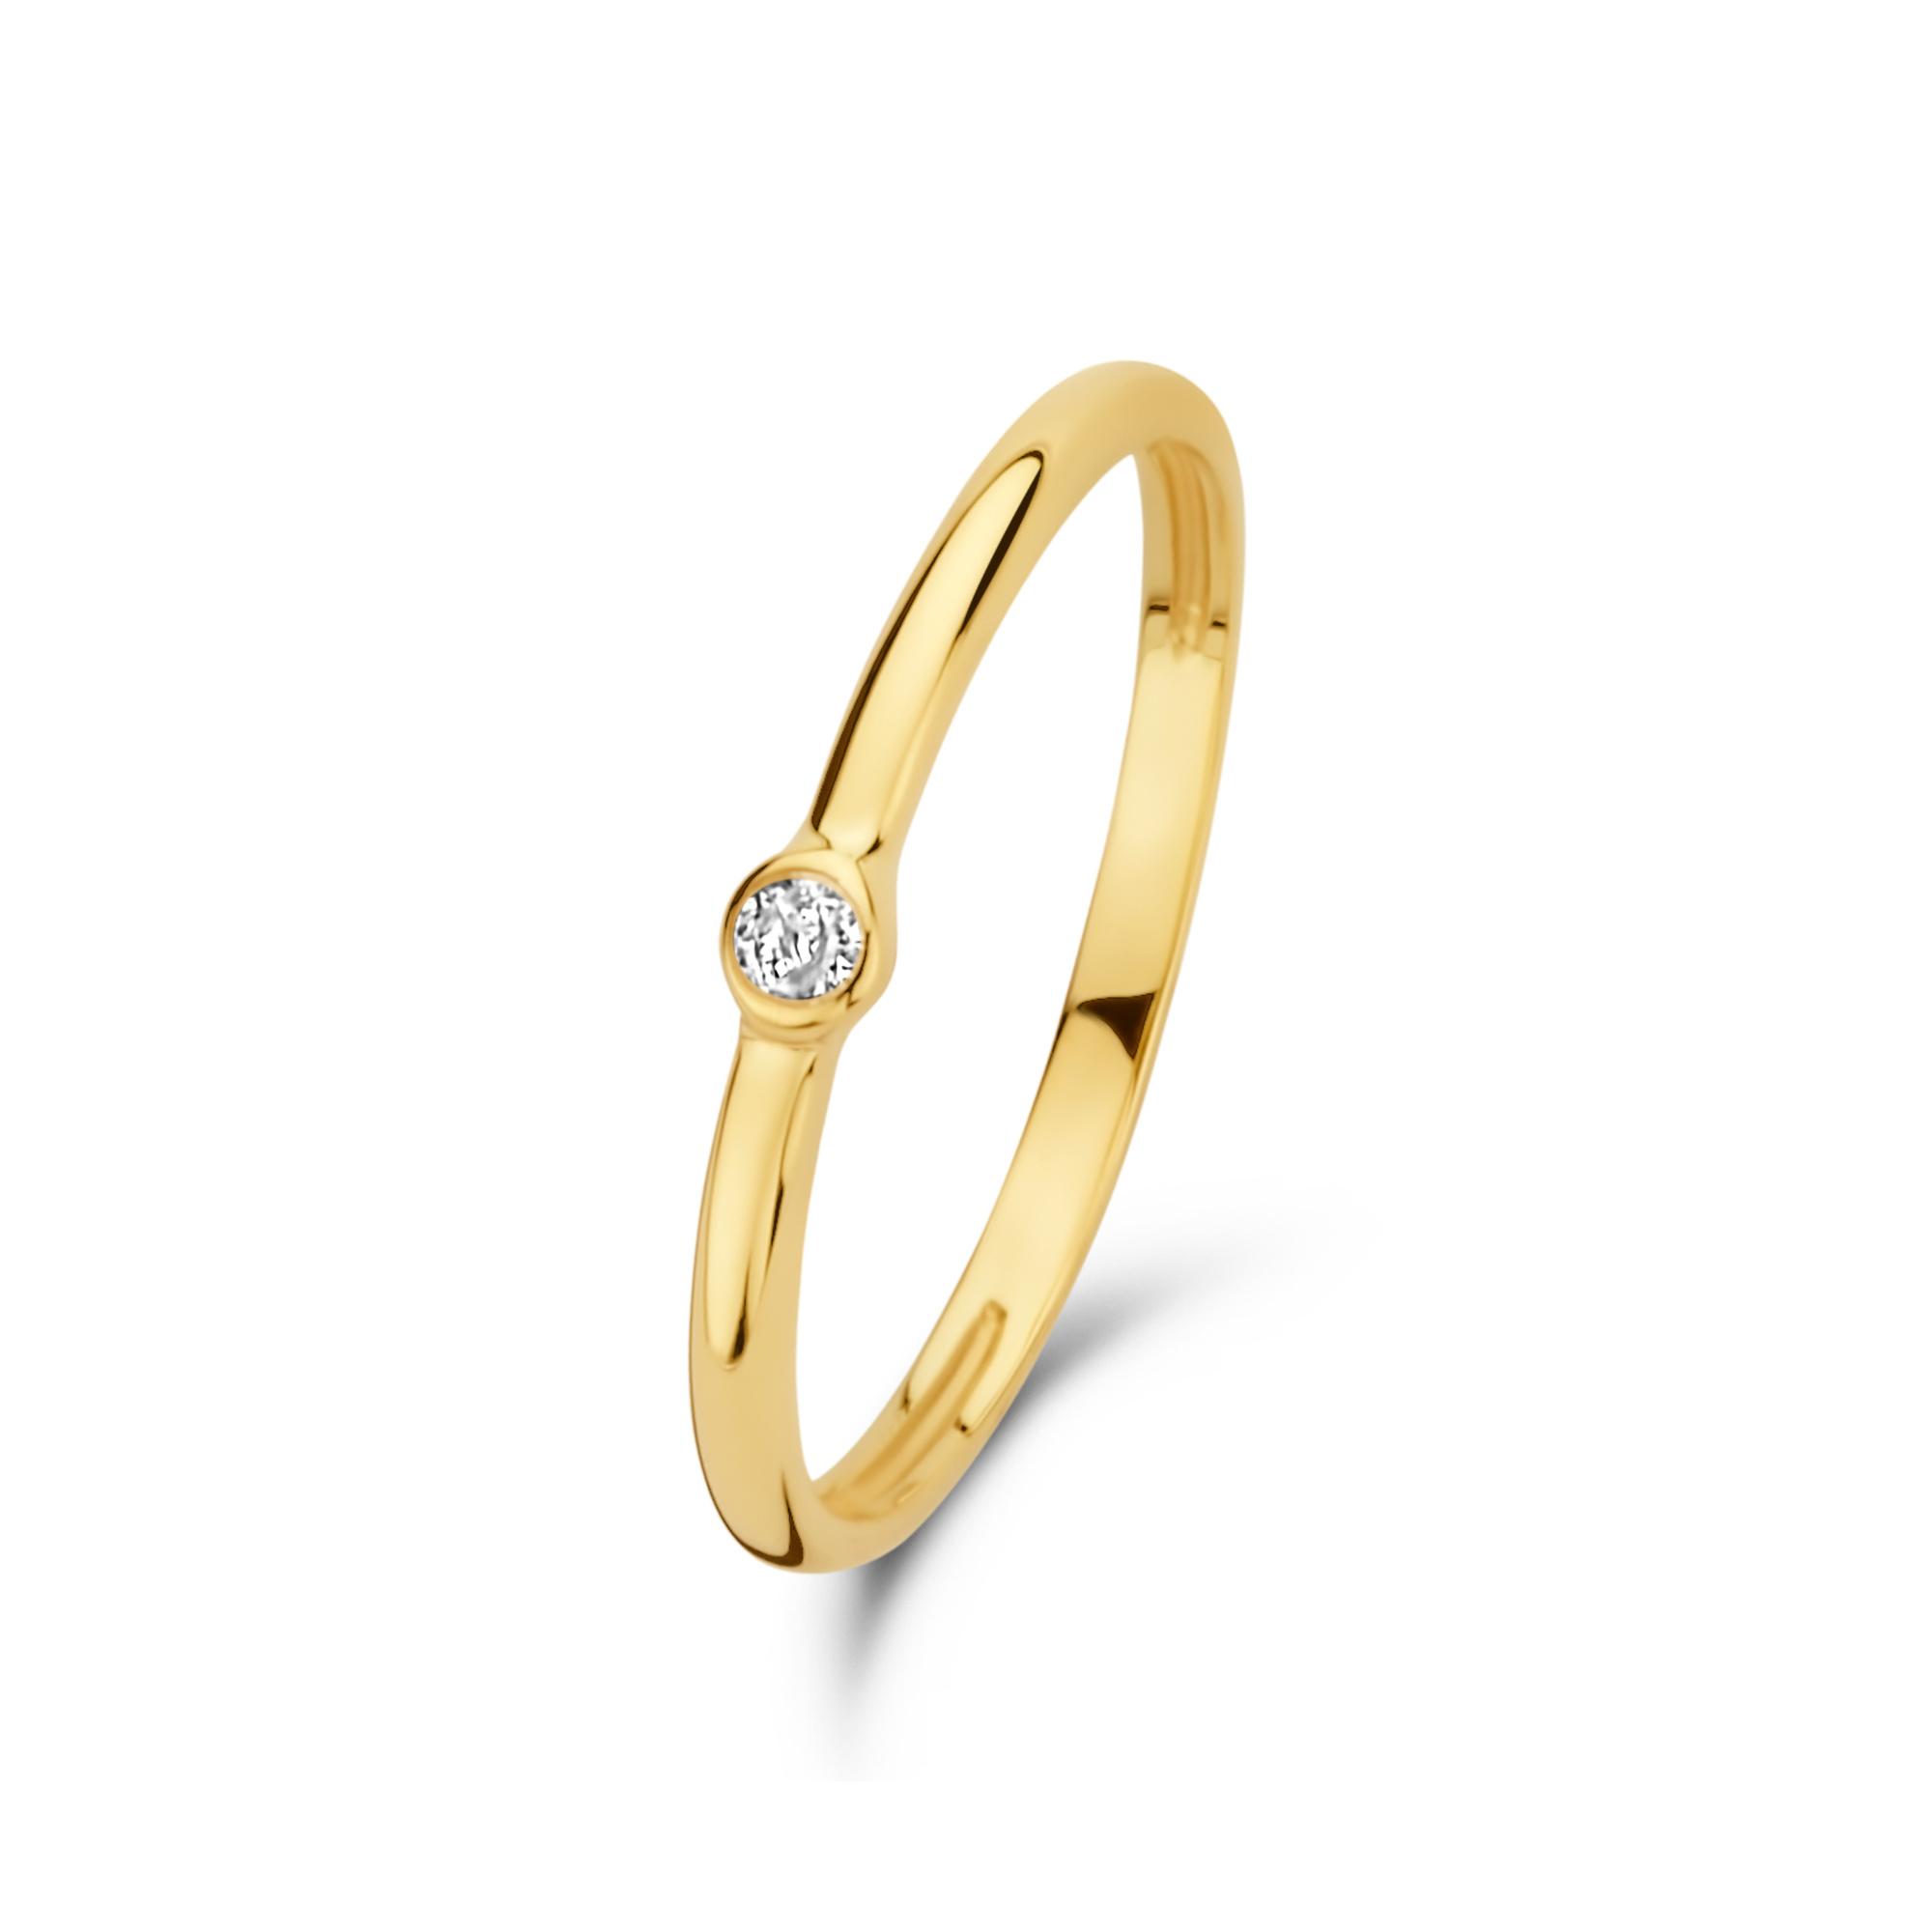 Isabel Bernard Asterope Solitary 14 karat gold stacking ring